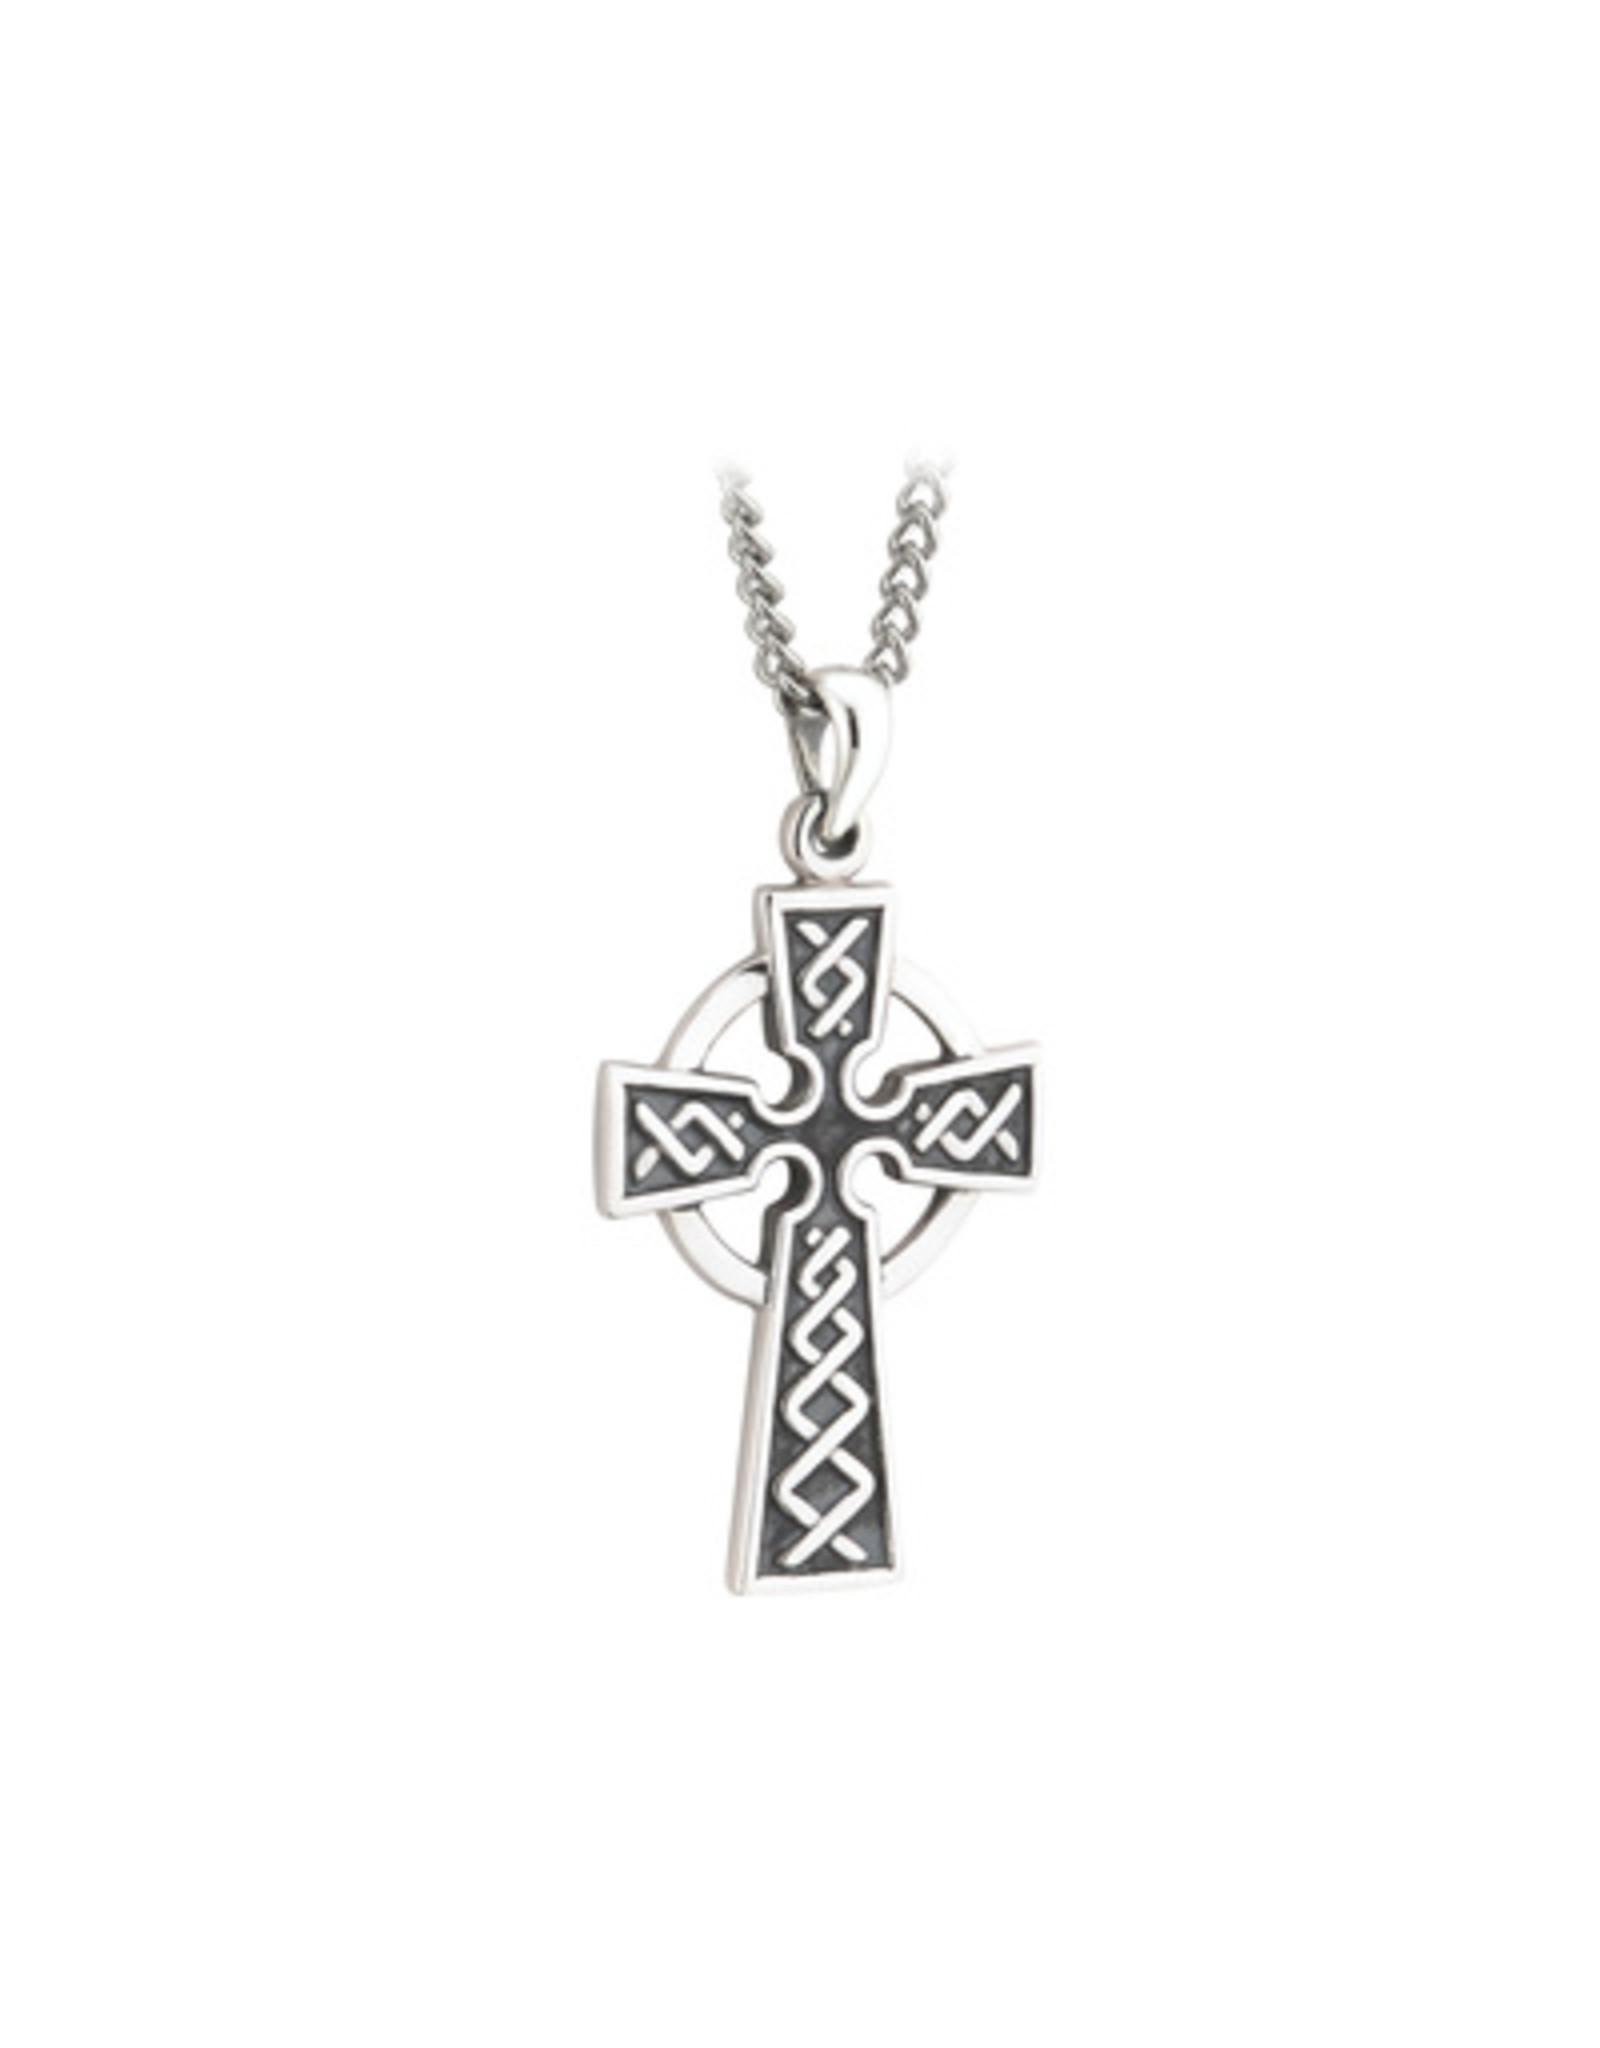 Solvar Oxidized Sterling Silver Celtic Cross on Steel Chain